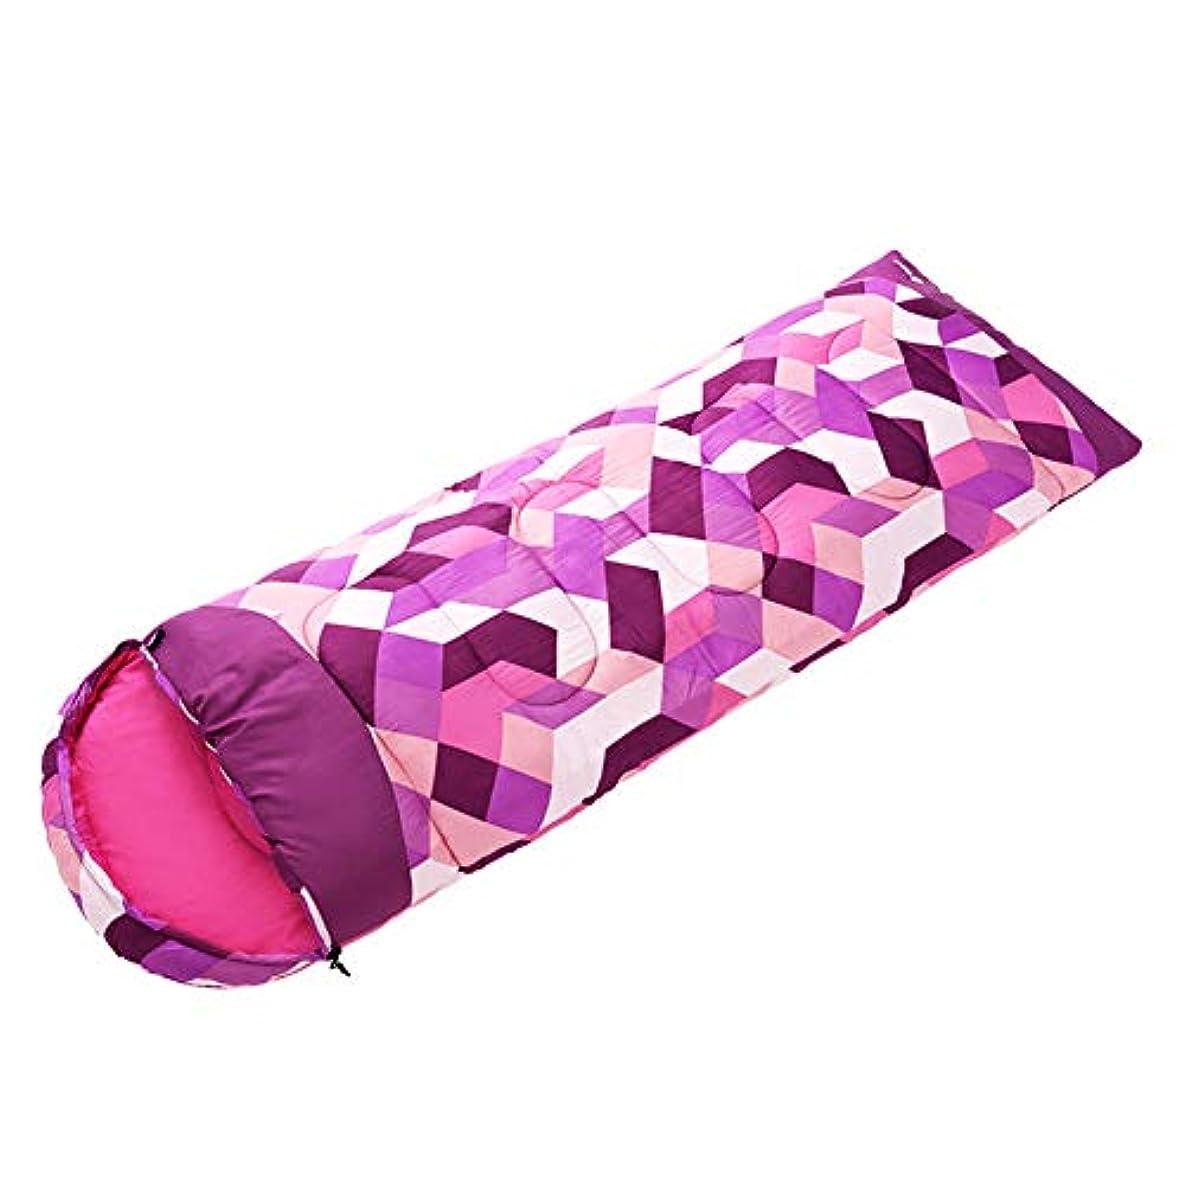 フィラデルフィアプロフィールハイジャック寝袋, 封筒冬ポータブル睡眠袋軽量防水通気性スリーピングパッド大人キャンプ旅行屋外活動睡眠袋,Pink,1.6kg